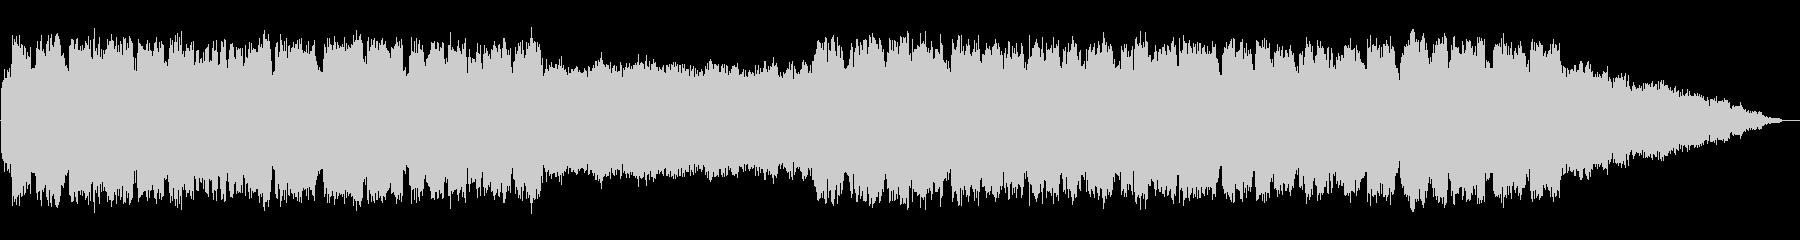 幻想的な笛のヒーリング音楽の未再生の波形